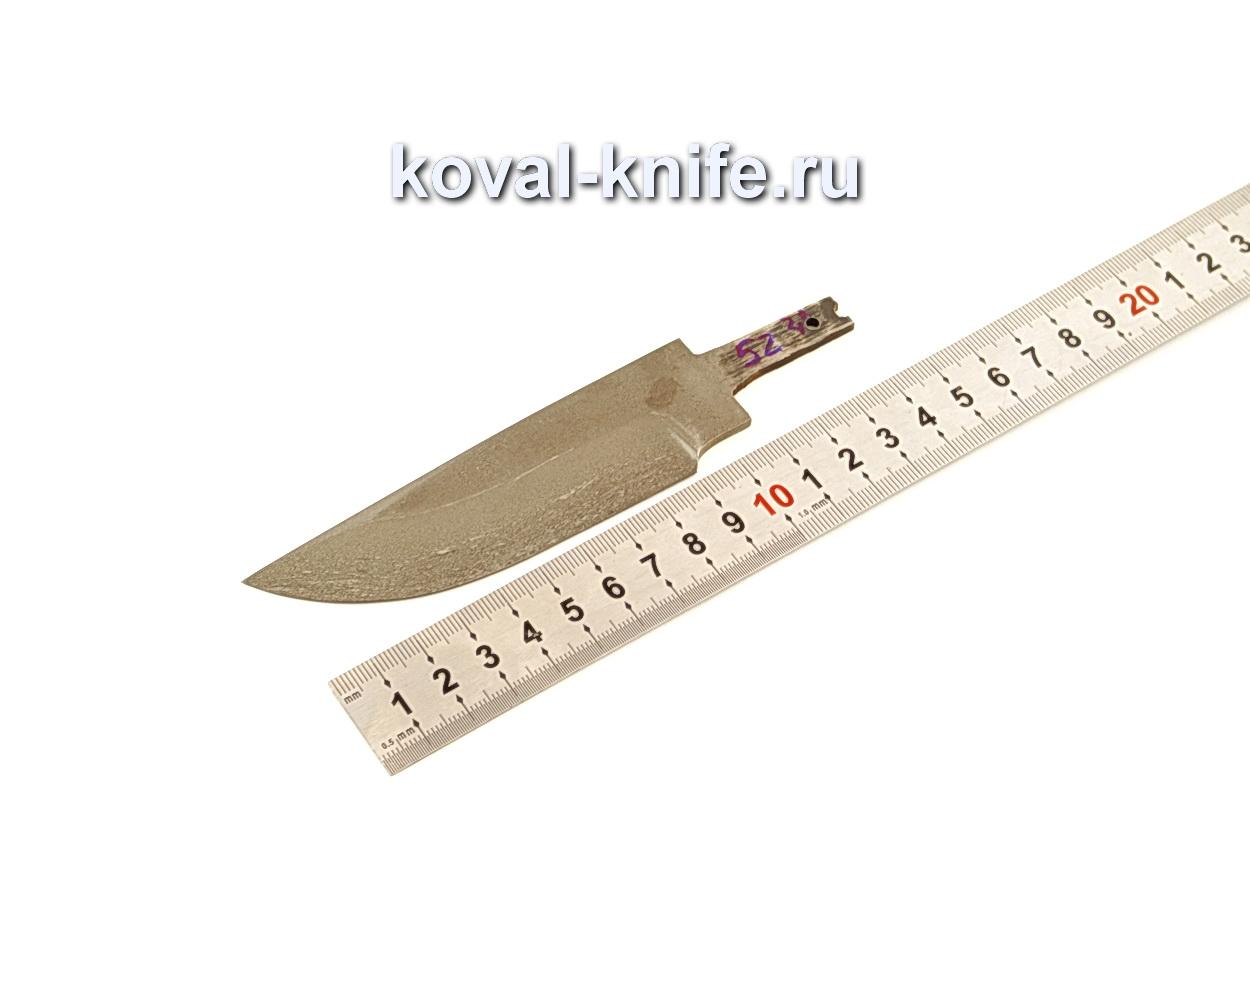 Клинок для ножа из из булатной стали N52